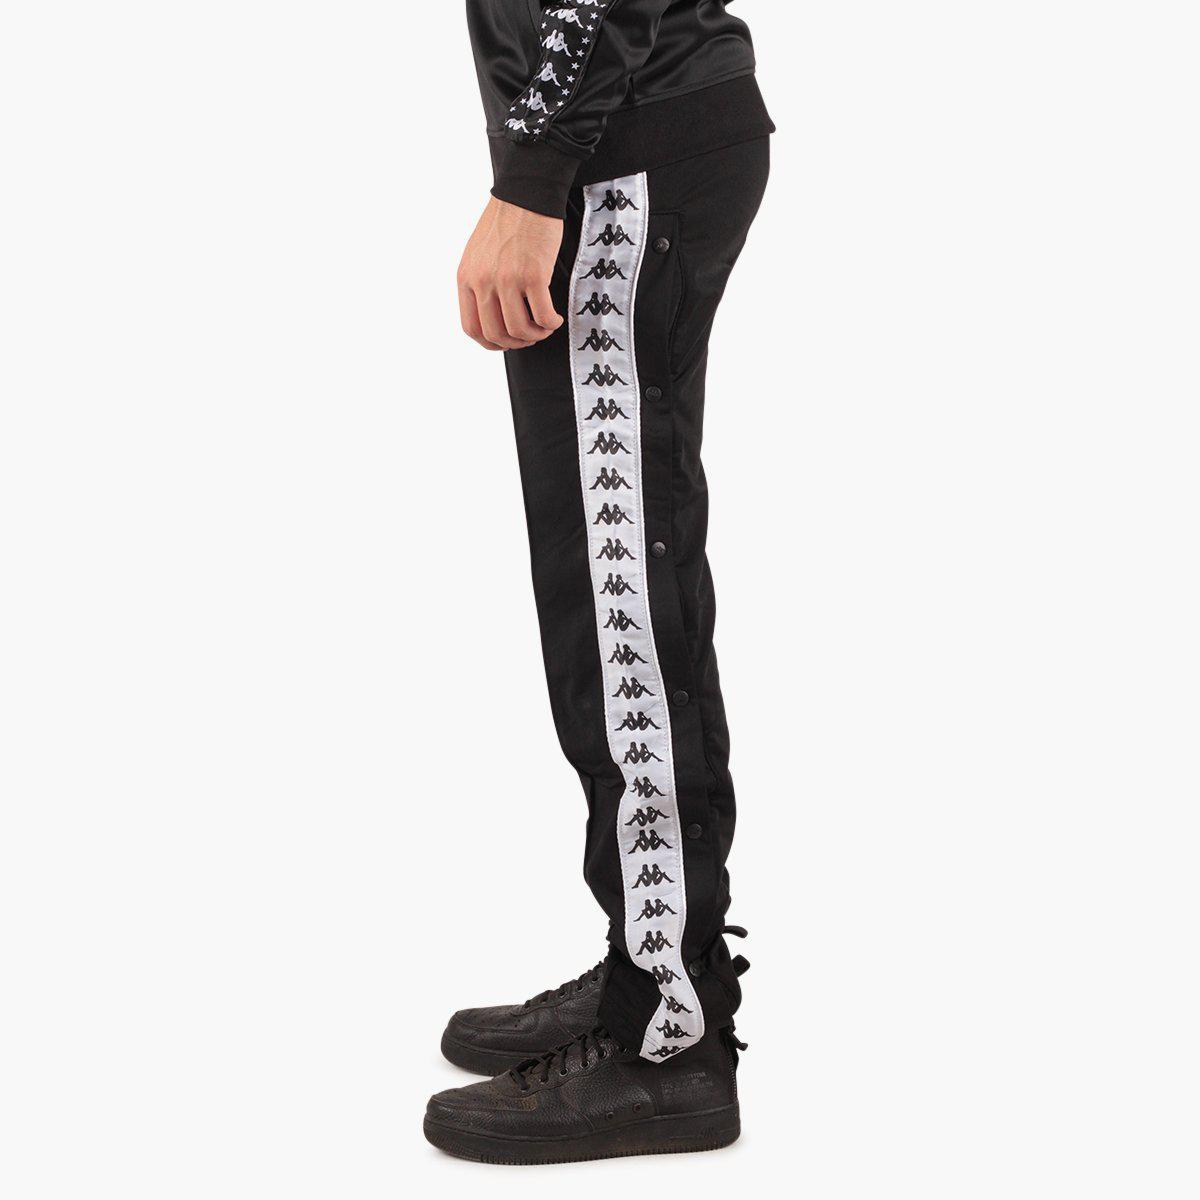 960fba86 Kappa - Black 222 Banda Astoria Snaps Slim Pant for Men - Lyst. View  fullscreen